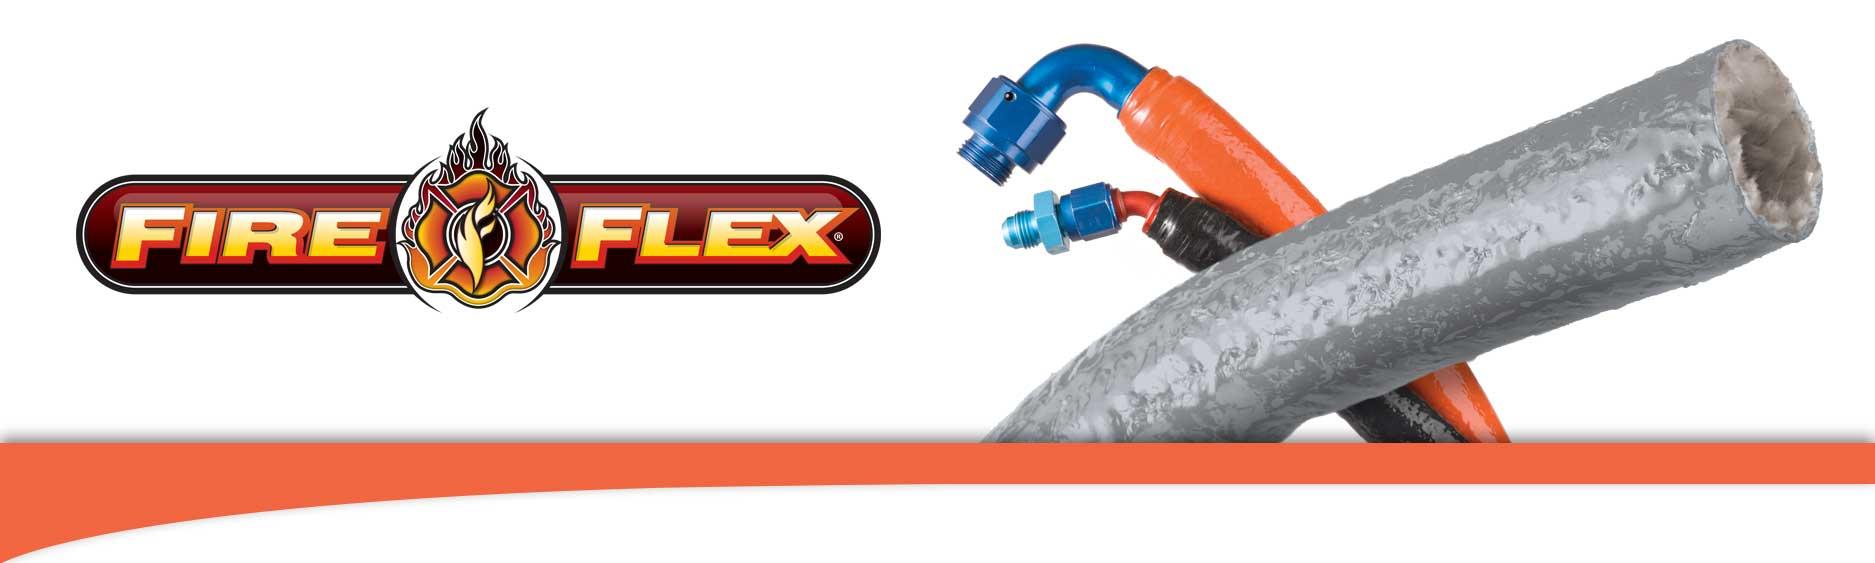 Fire Flex